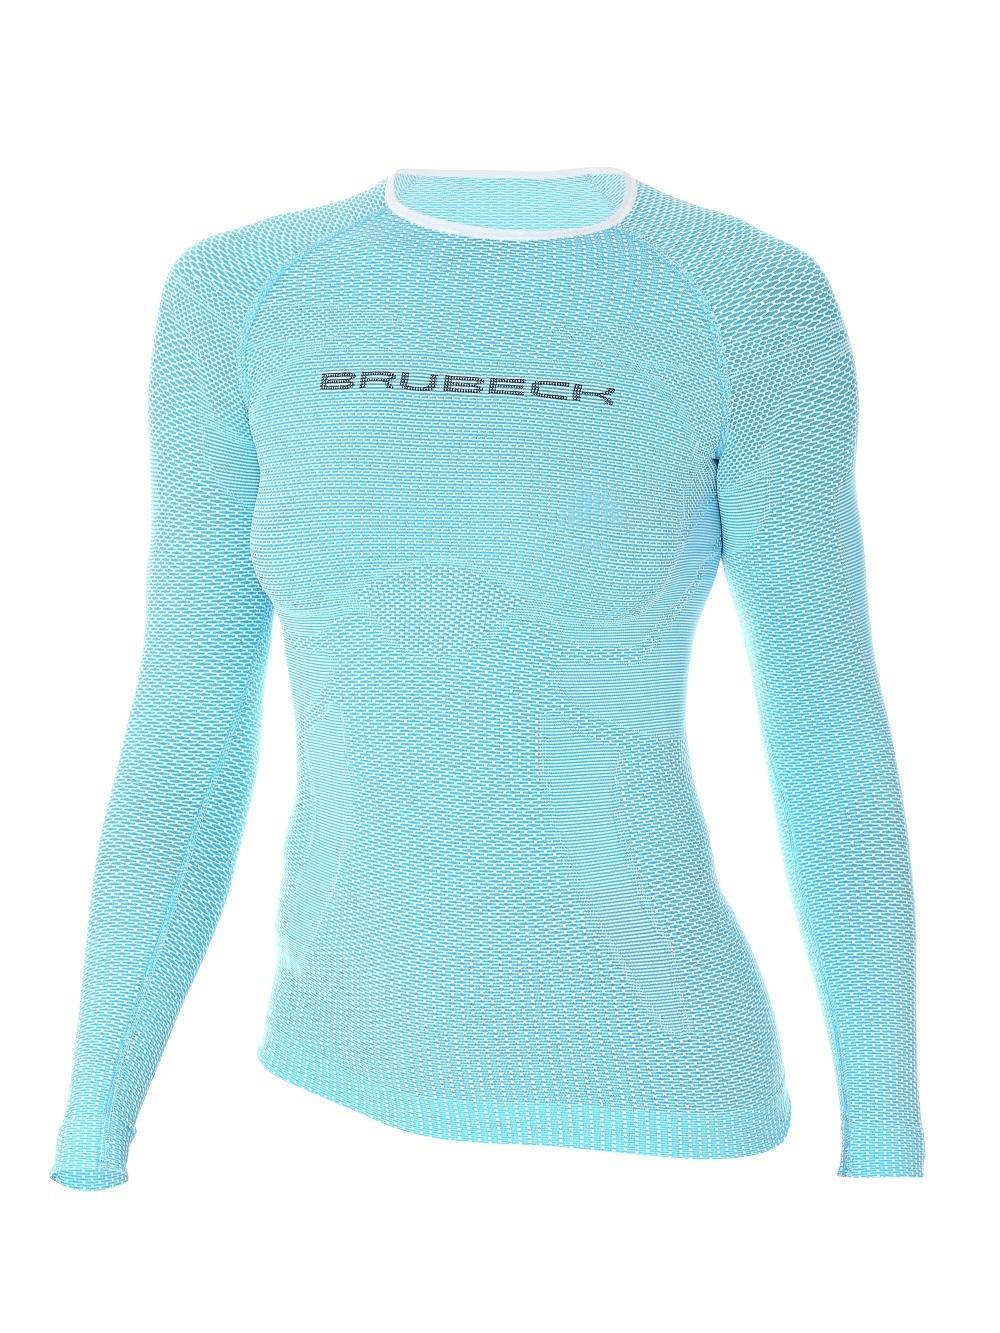 M - Brubeck PRO dámske Spustiť t-shirt pre BEH